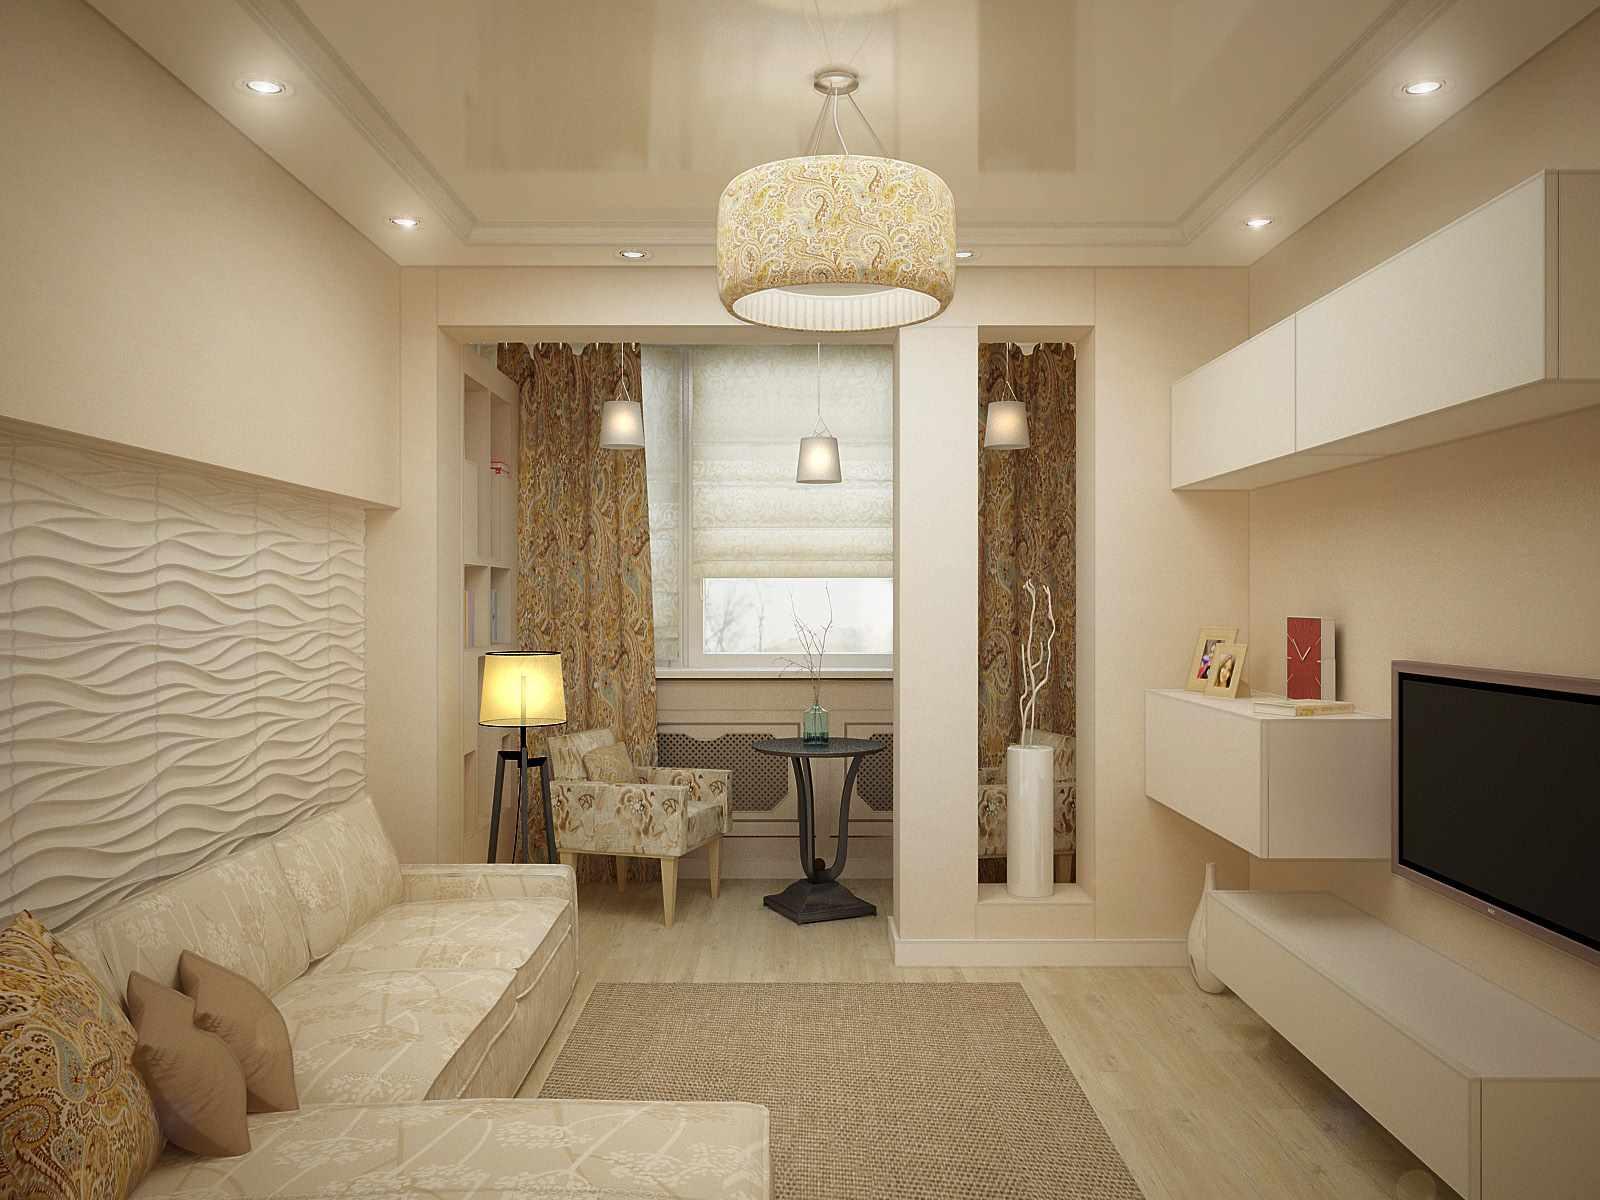 Как оформить дизайн гостиной 17 кв.м. (85 фото)